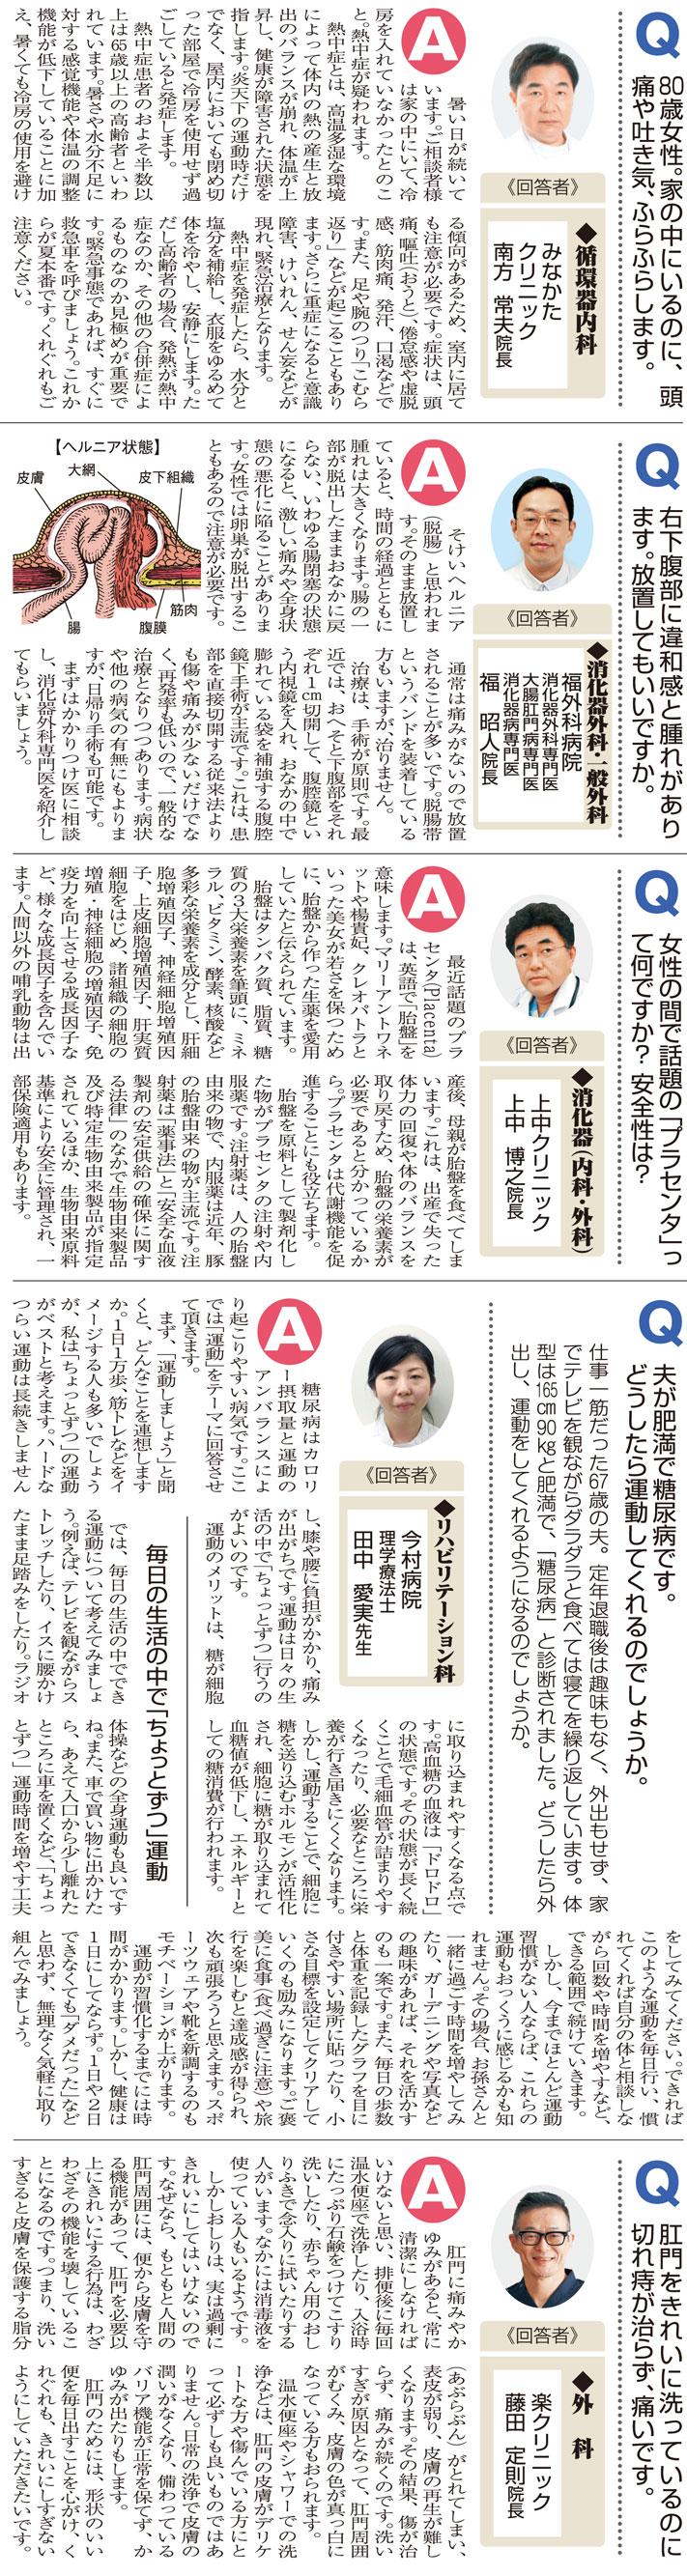 おしえて!マイドクターQ&A「熱中症」「脱腸」「プラセンタ」「糖尿病」「切れ痔」(2019.7.27)